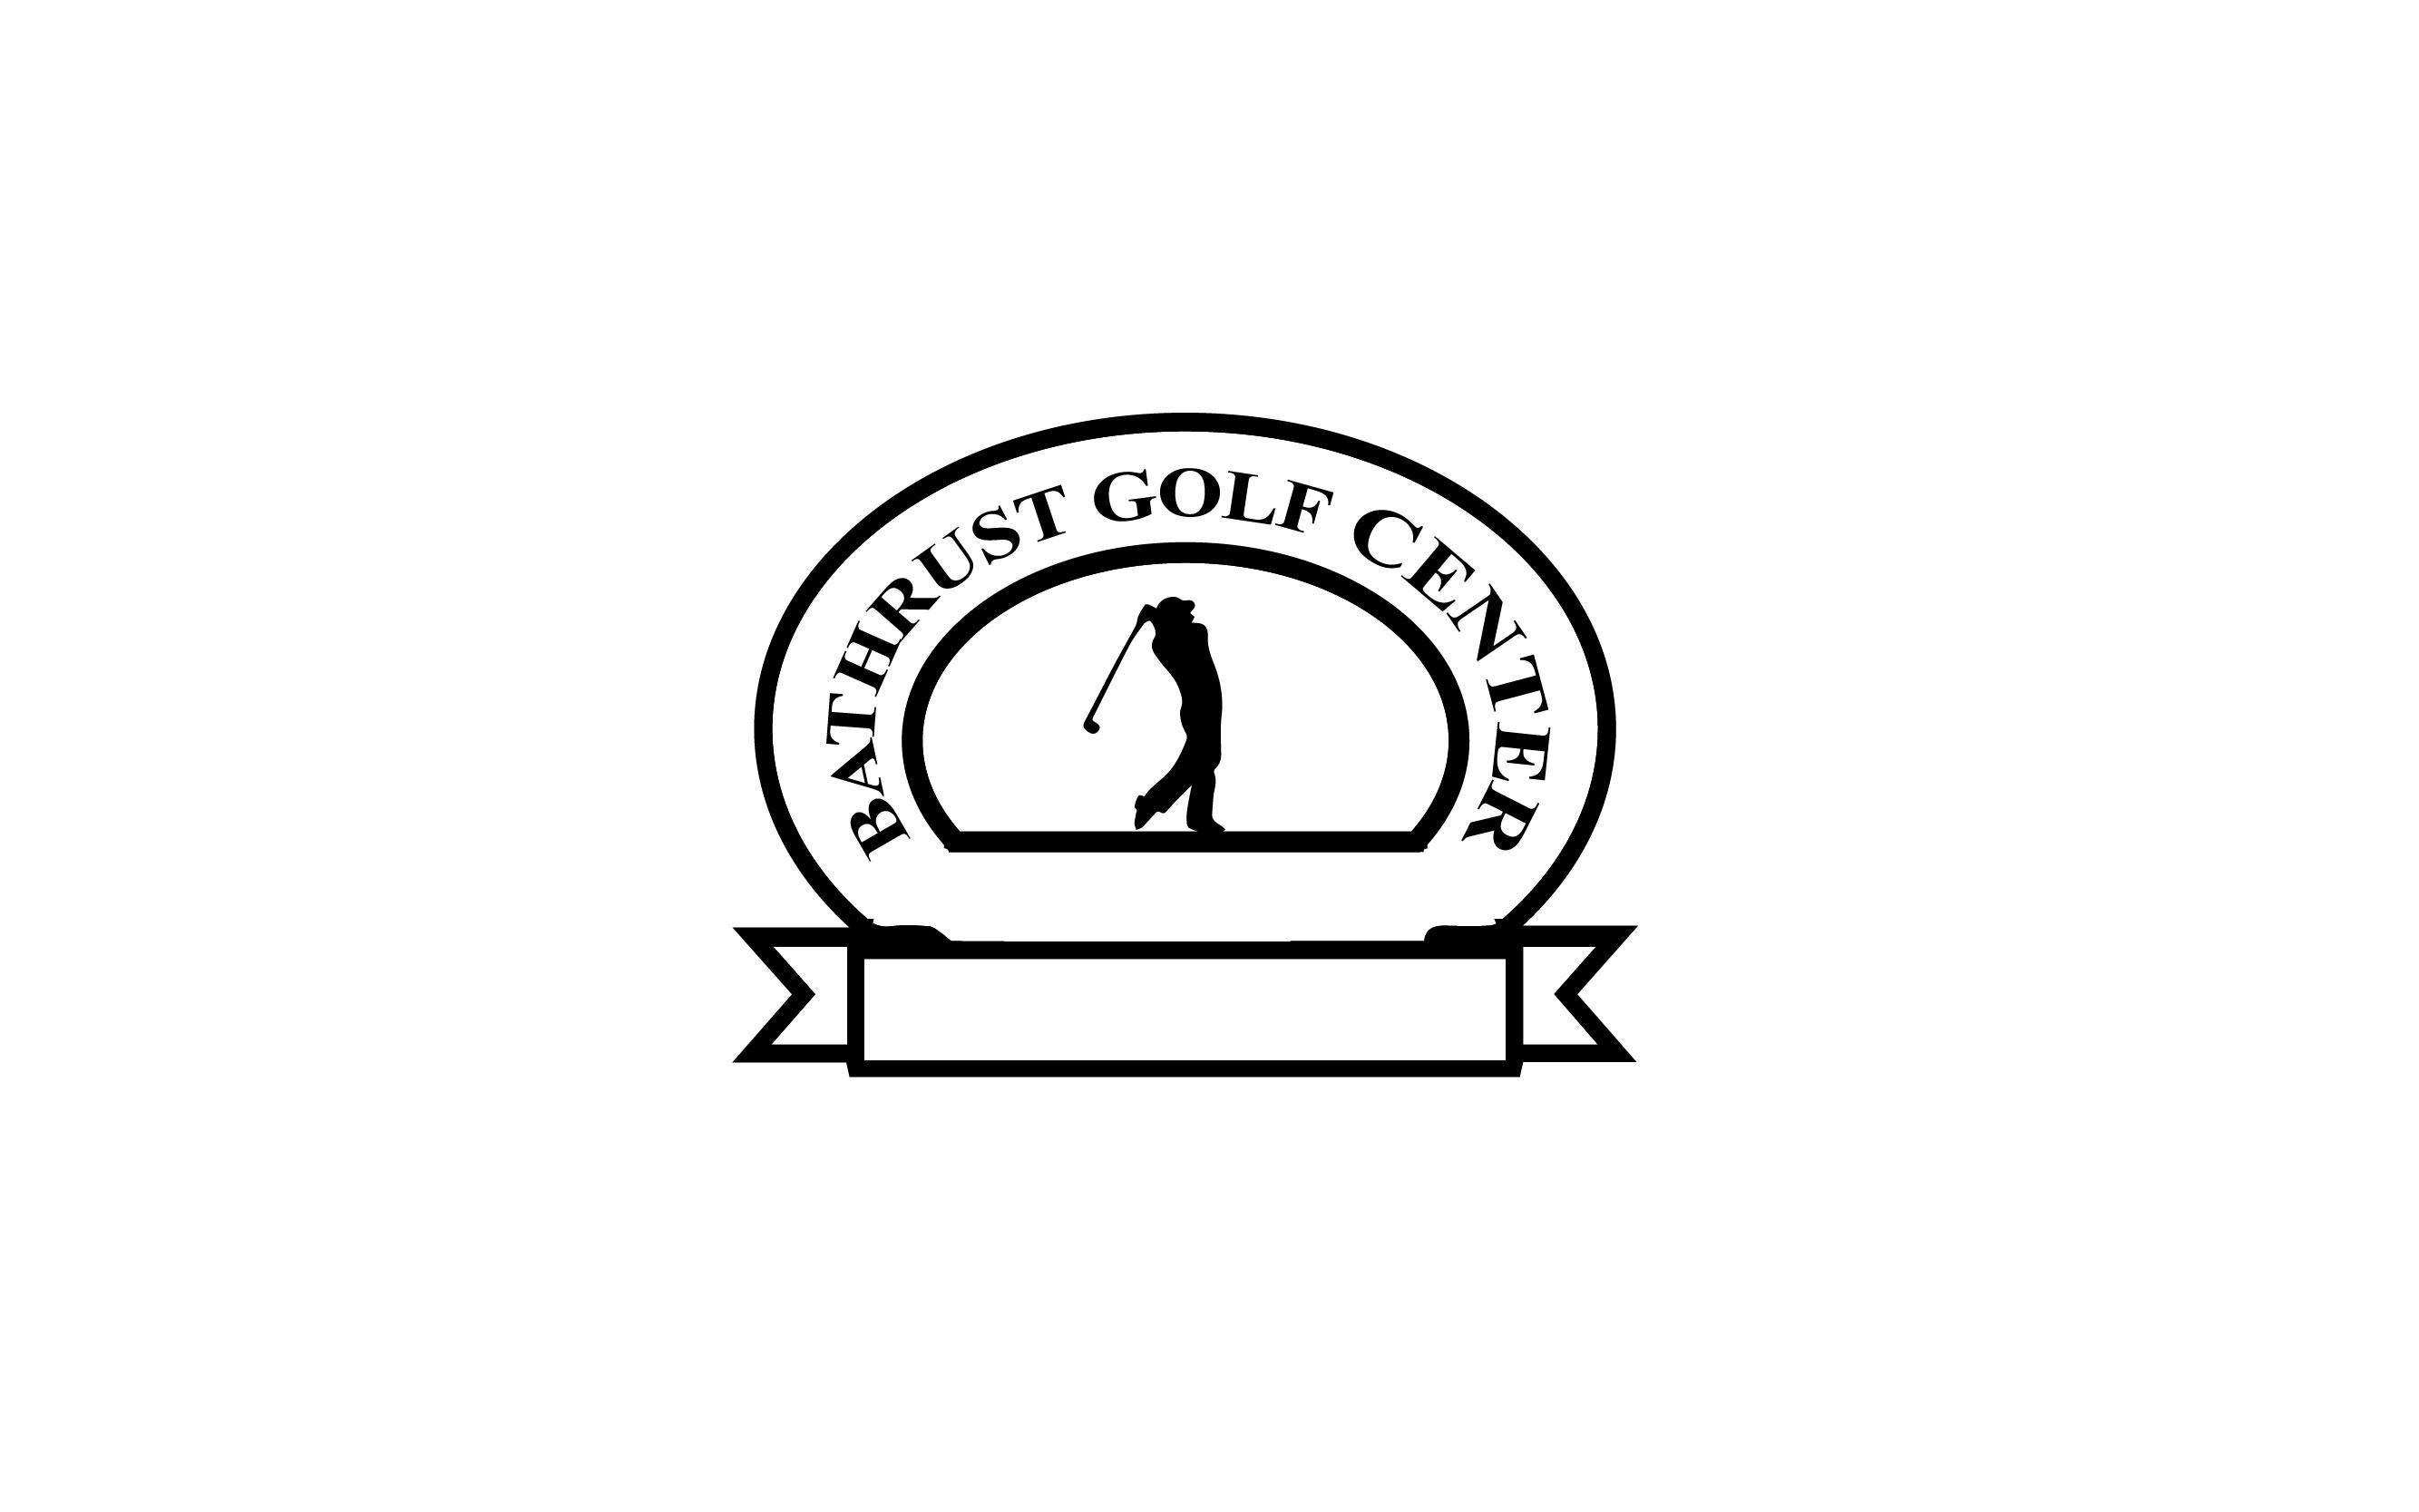 Logo Design by Business Ideas - Entry No. 74 in the Logo Design Contest Inspiring Logo Design for Bathurst Golf Centre.